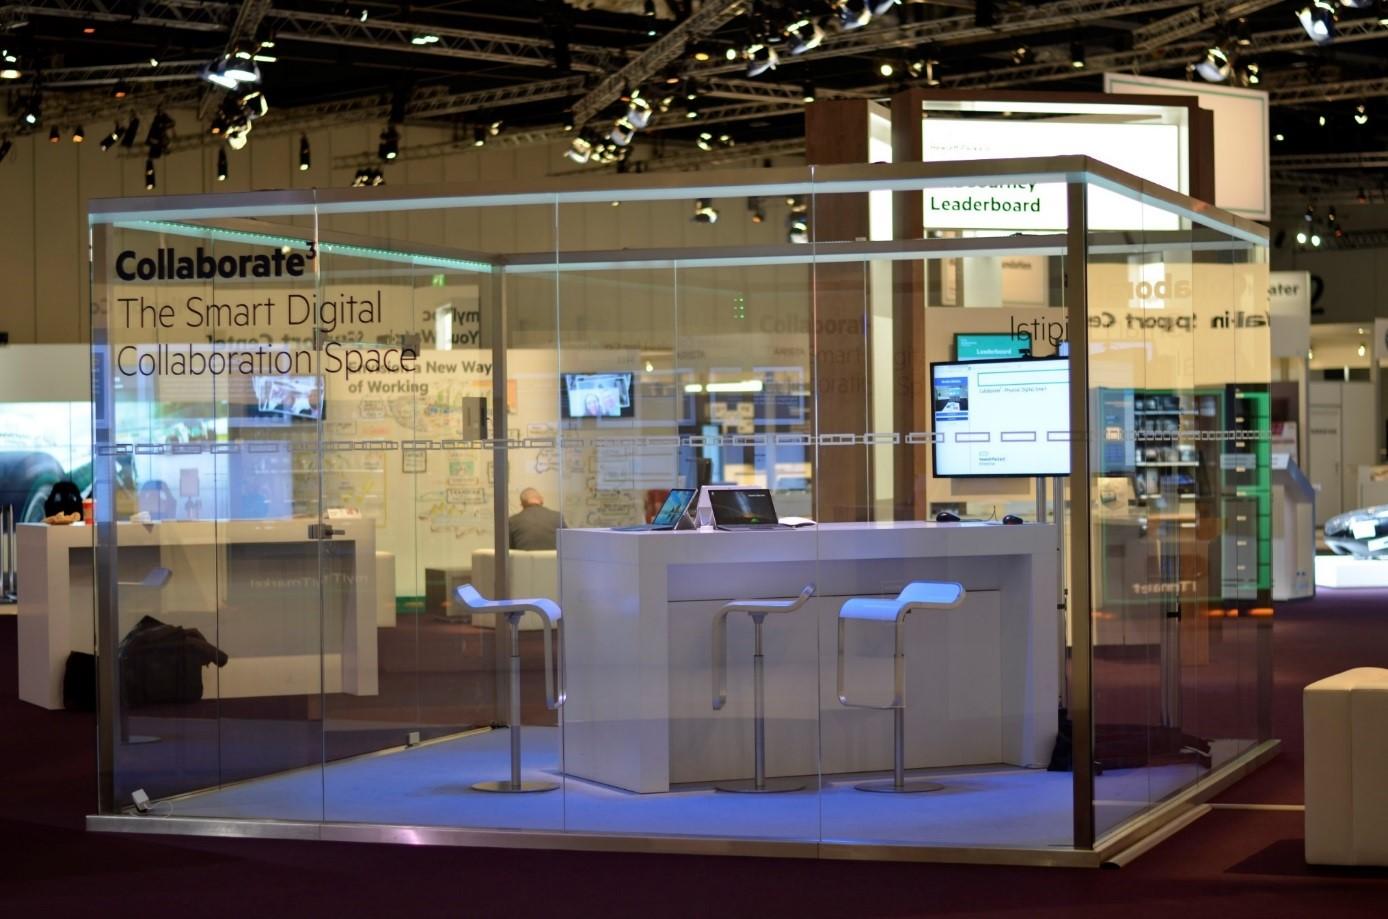 Ein CeBIT-Highlight des ersten Messeauftritts von Hewlett Packard Enterprise nach der HP-Separation ist der automatisierte, gläserne Besprechungsraum CollaborateCube. (Bild: HPE)